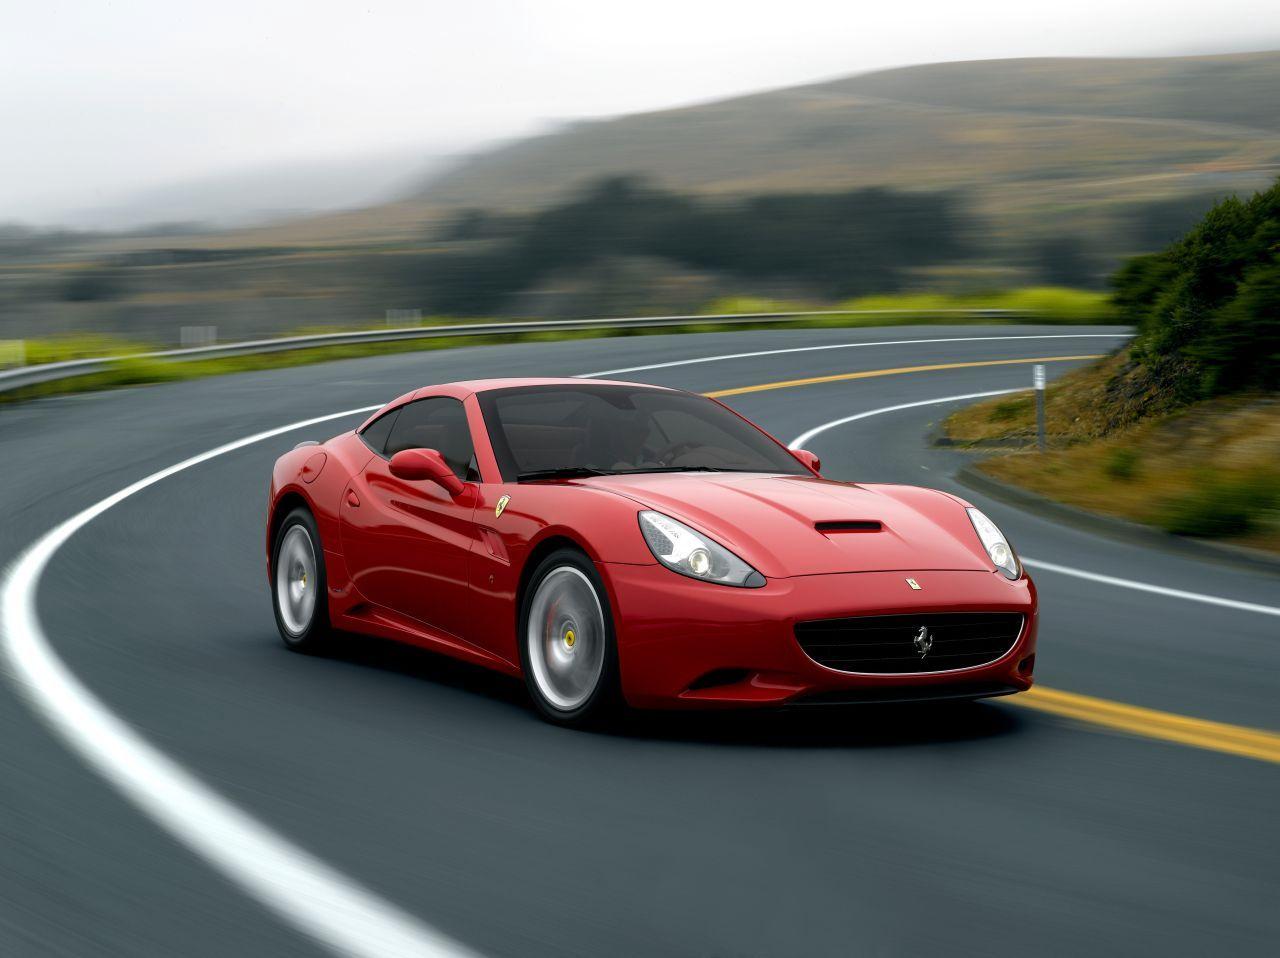 Ferrari 458 Italia. Ferrari 458 Italia. Diposkan oleh admin di 01:38